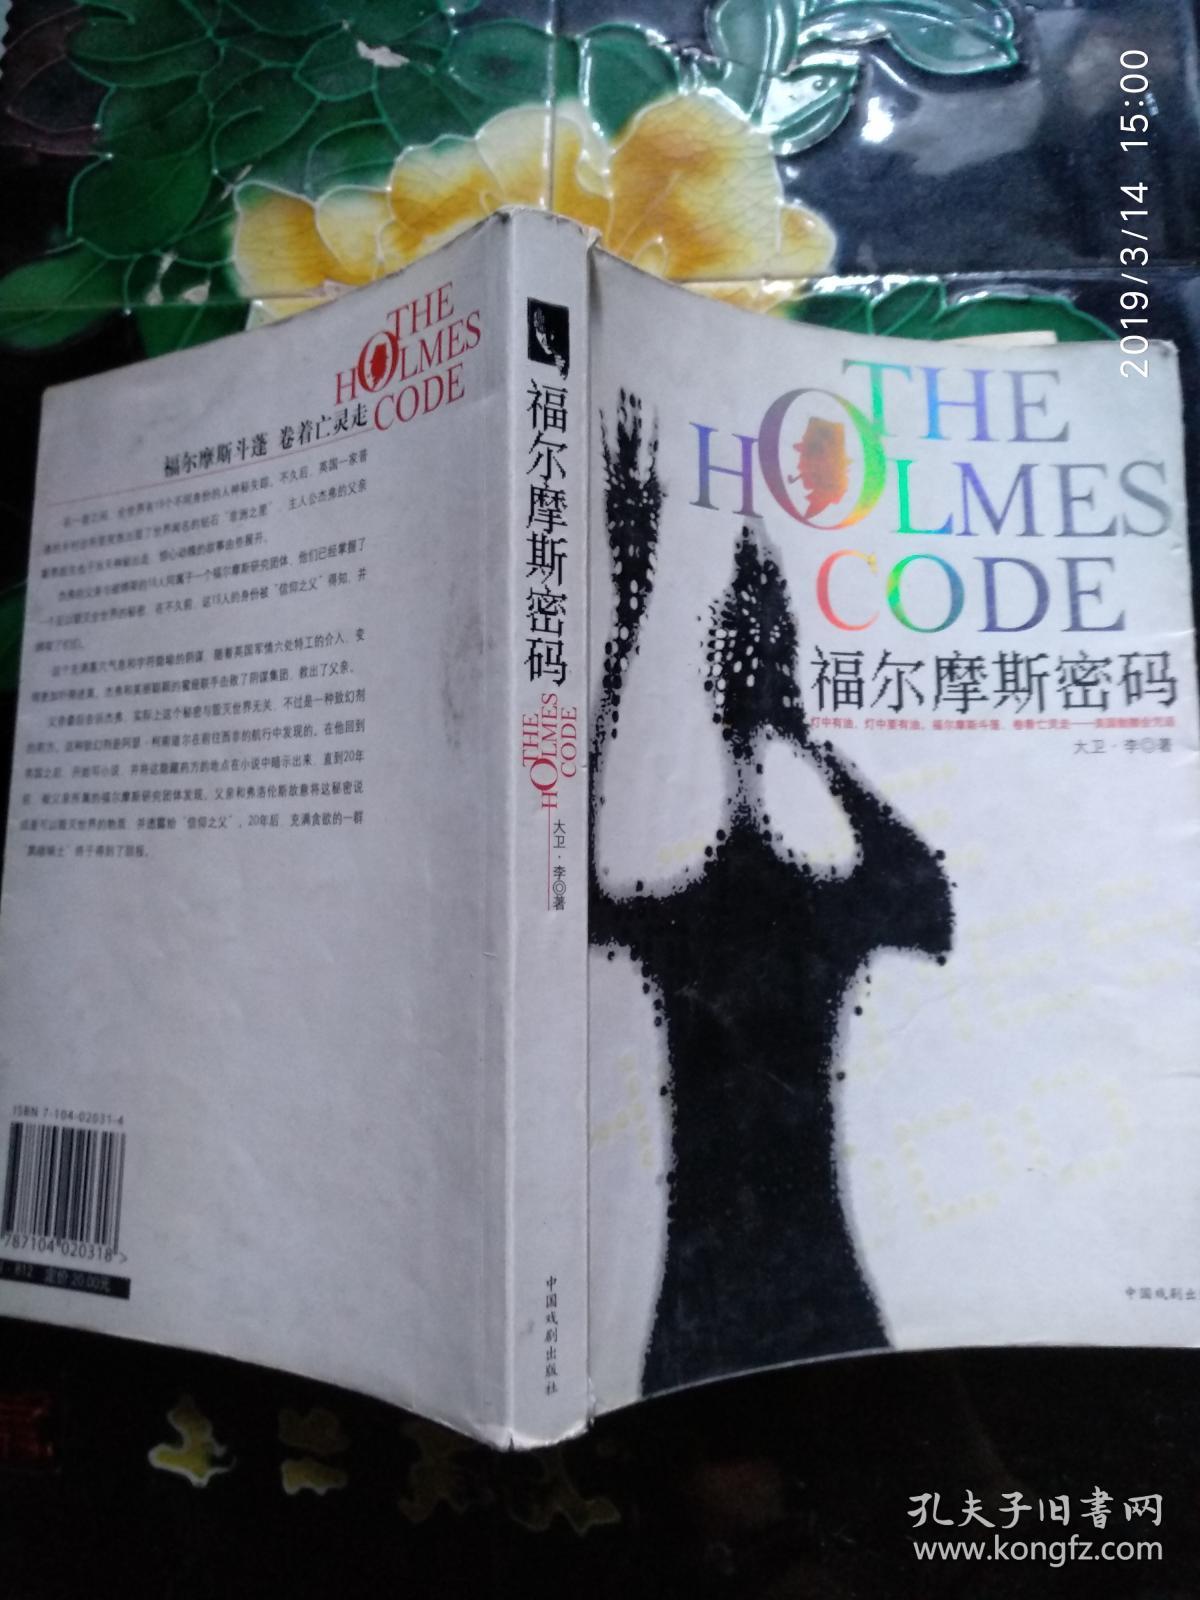 福尔摩斯密码